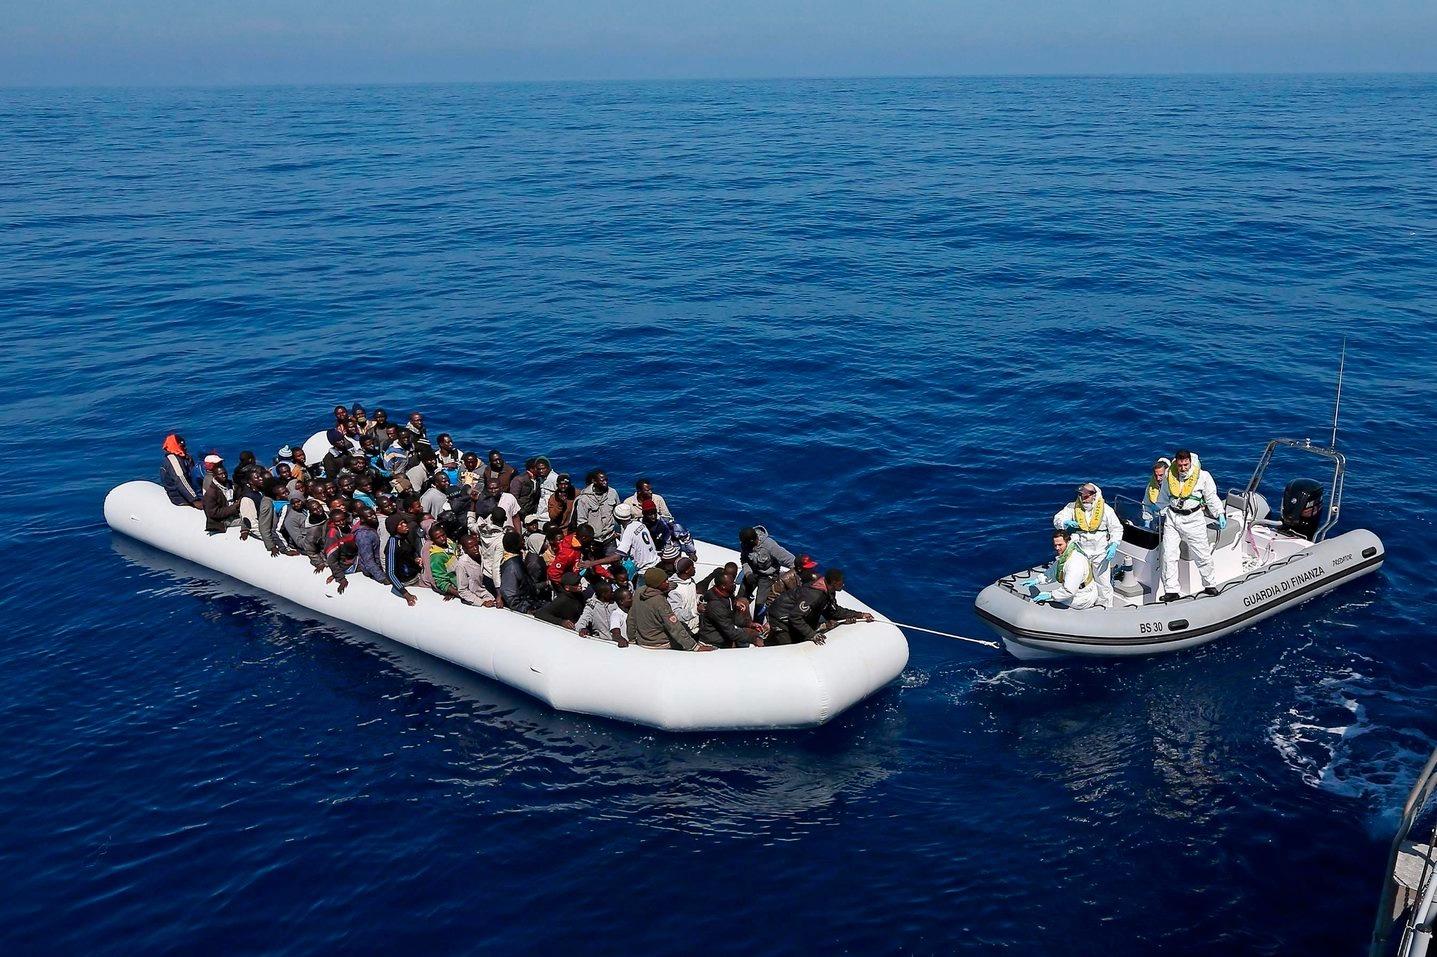 Illegális bevándorlókkal teli mentőcsónak érkezik az olasz pénzügyőrség Denaro hajójához a Földközi-tengeren Olaszország partjainál 2015. április 22-én.  (MTI/EPA/Alessandro Di Meo)